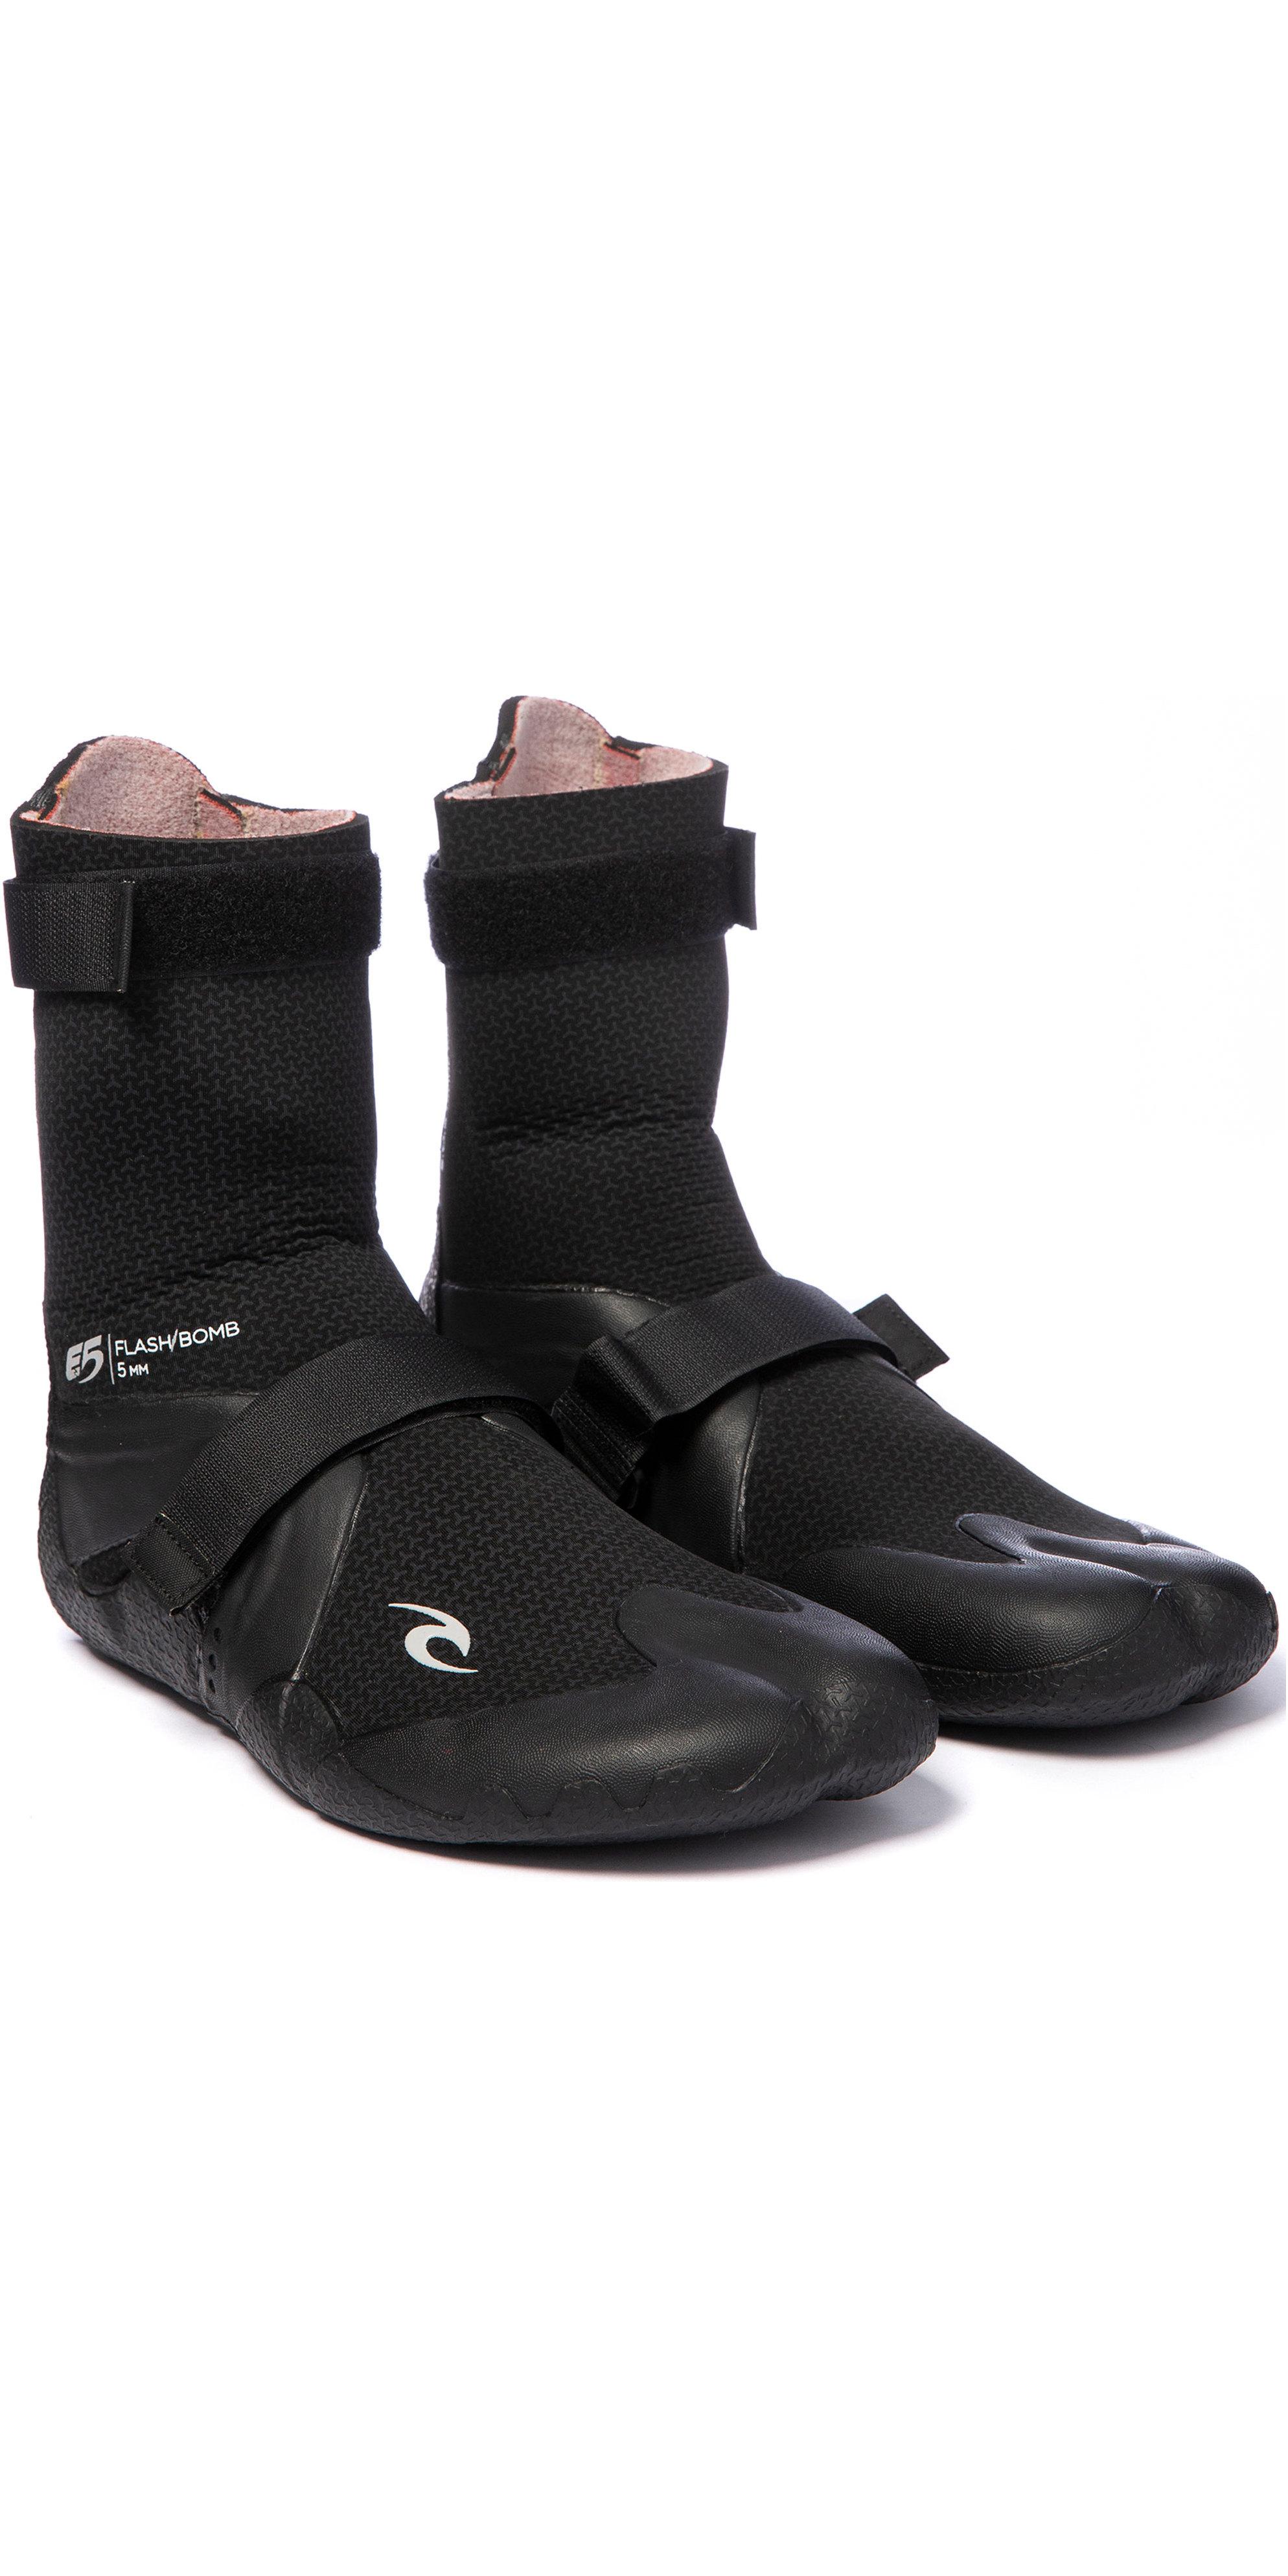 2019 Rip Curl Flashbomb 5mm Hidden Split Toe Boots WBO7IF - Black